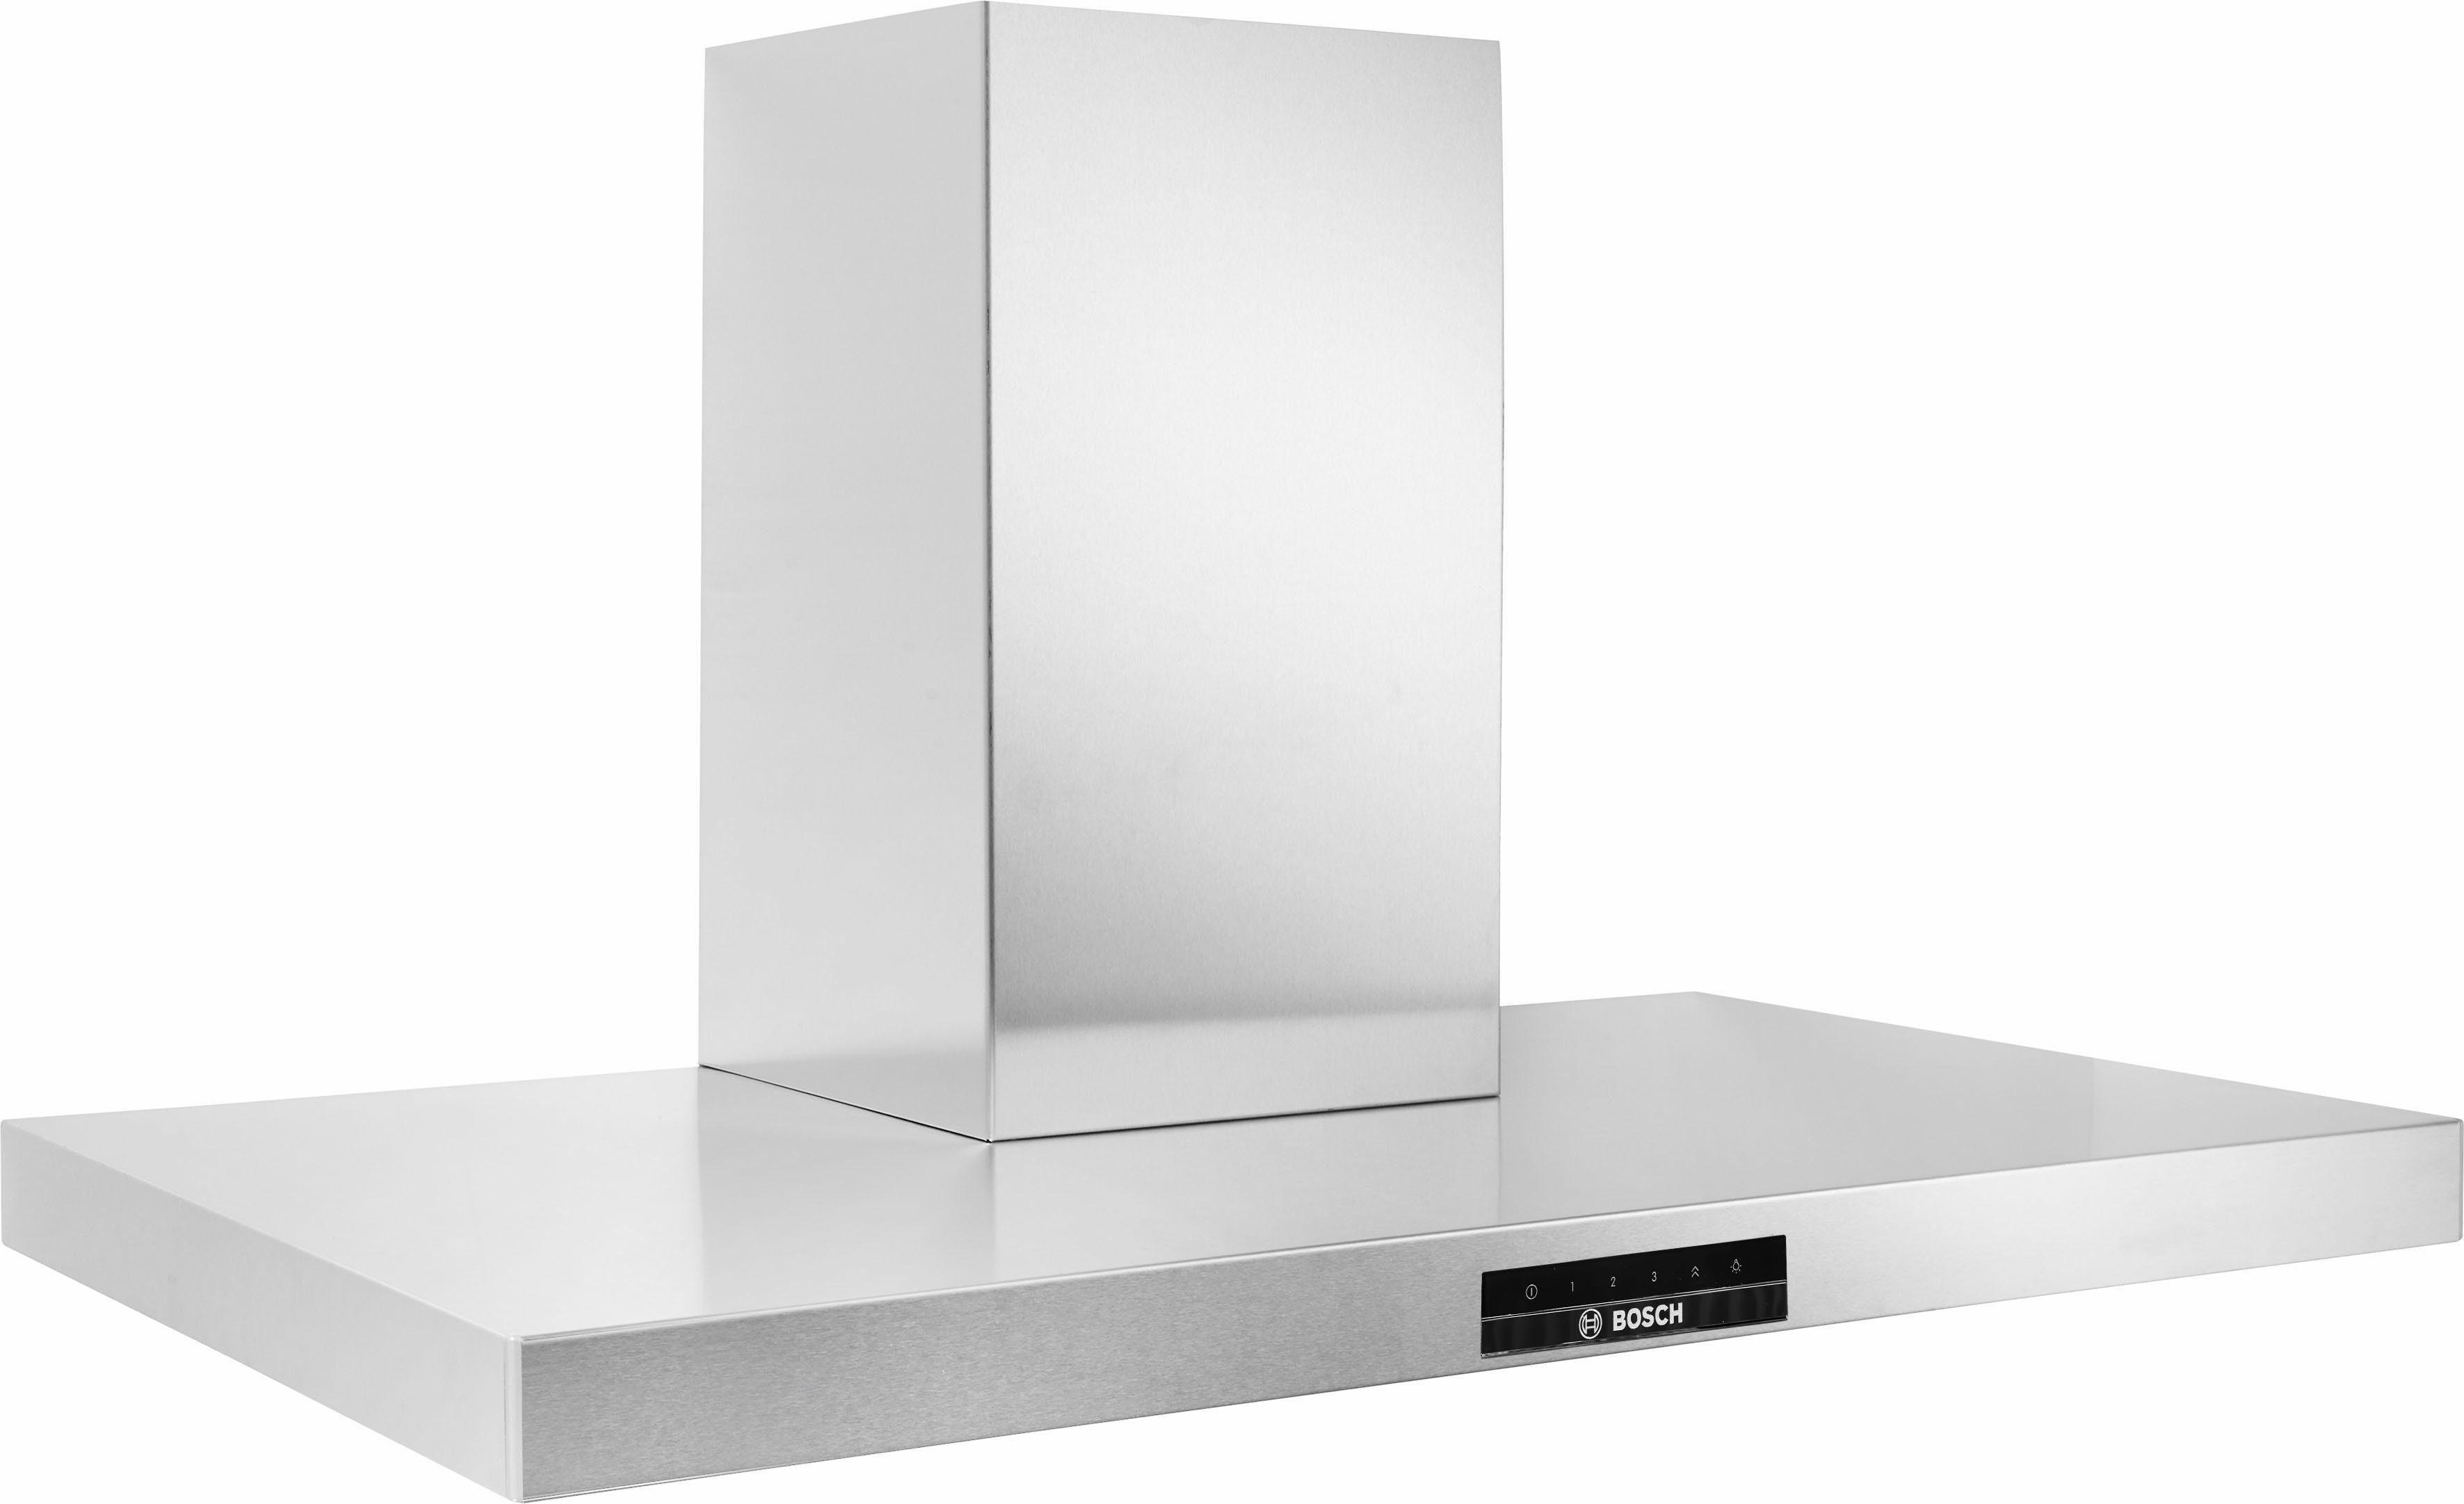 Gorenje Kühlschrank Otto : Günstige wandhauben kaufen reduziert im sale otto